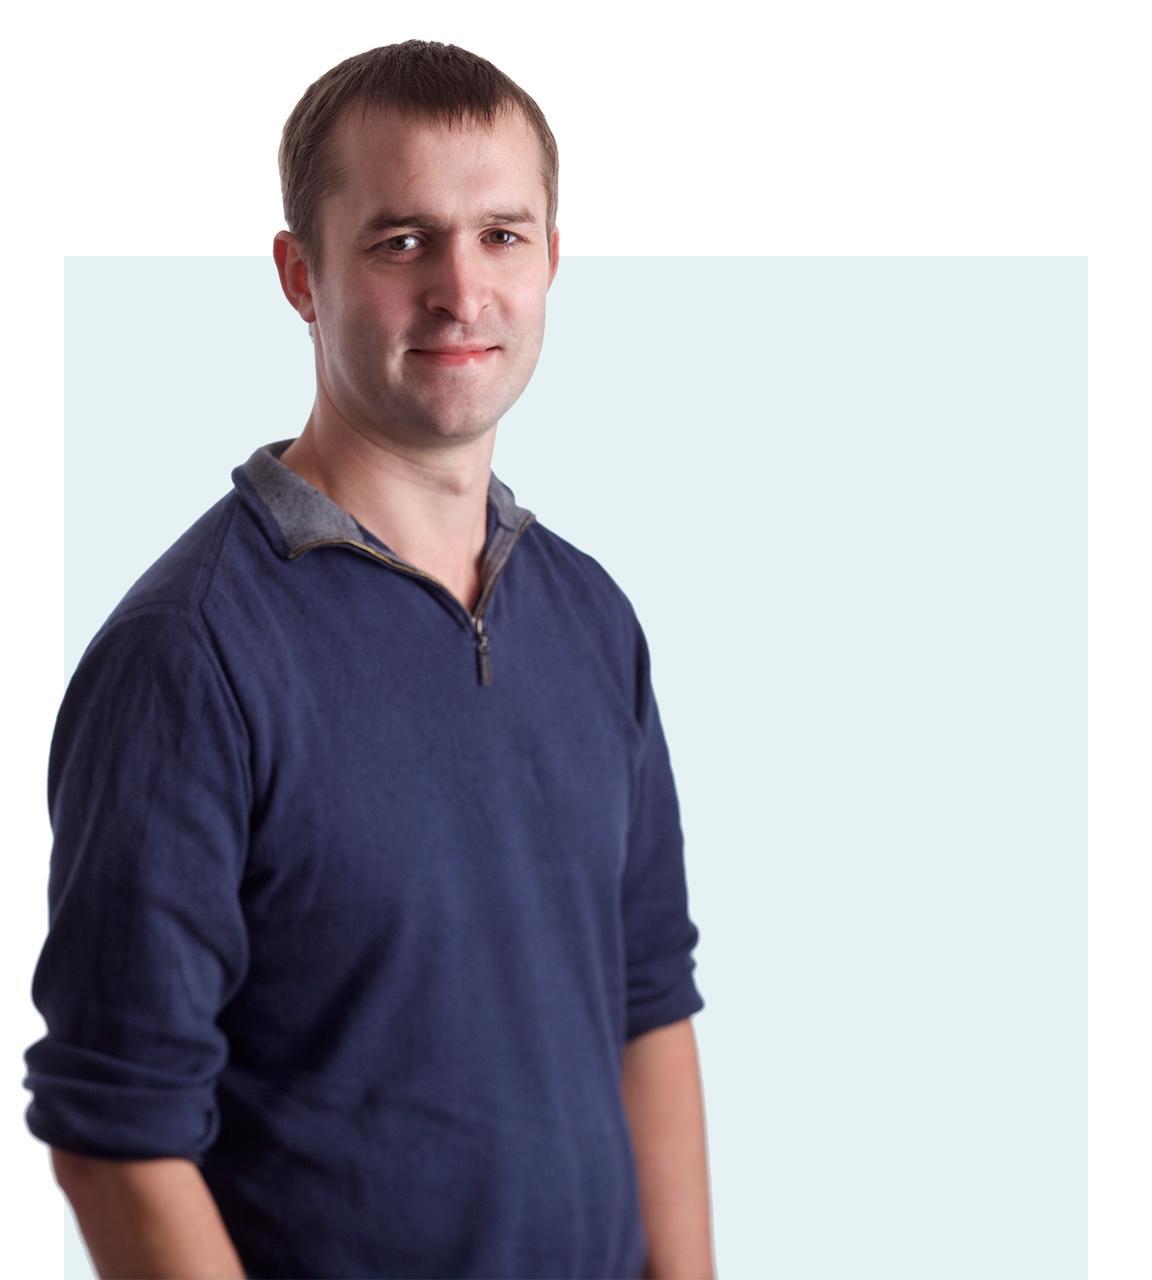 Maarten Geraedts